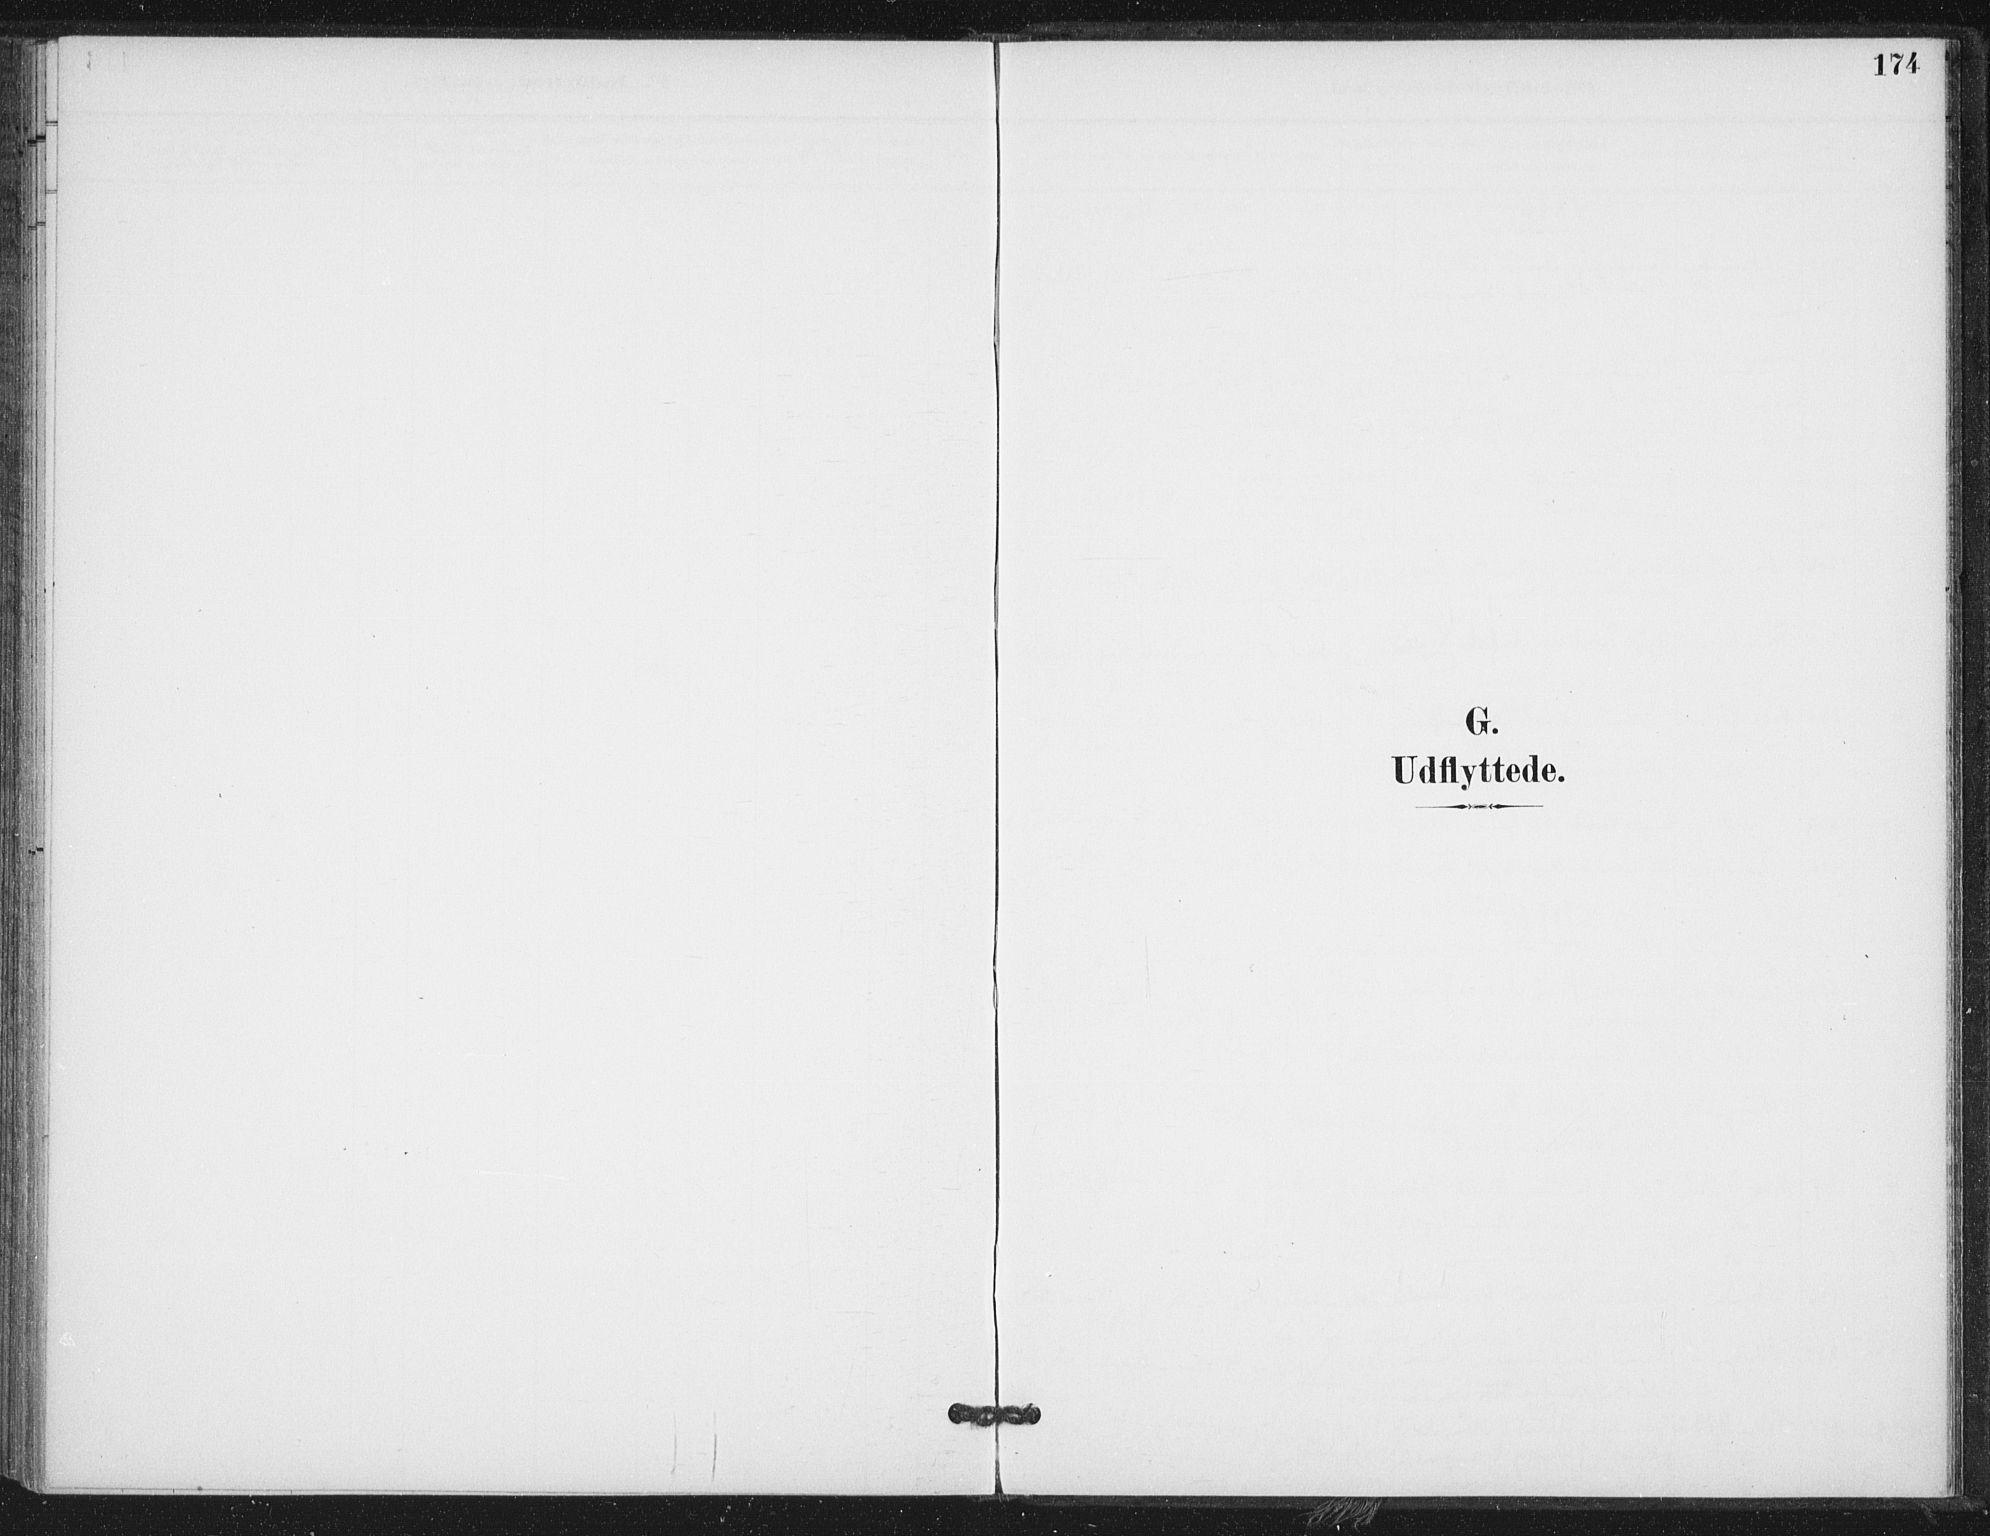 SAT, Ministerialprotokoller, klokkerbøker og fødselsregistre - Nord-Trøndelag, 714/L0131: Ministerialbok nr. 714A02, 1896-1918, s. 174